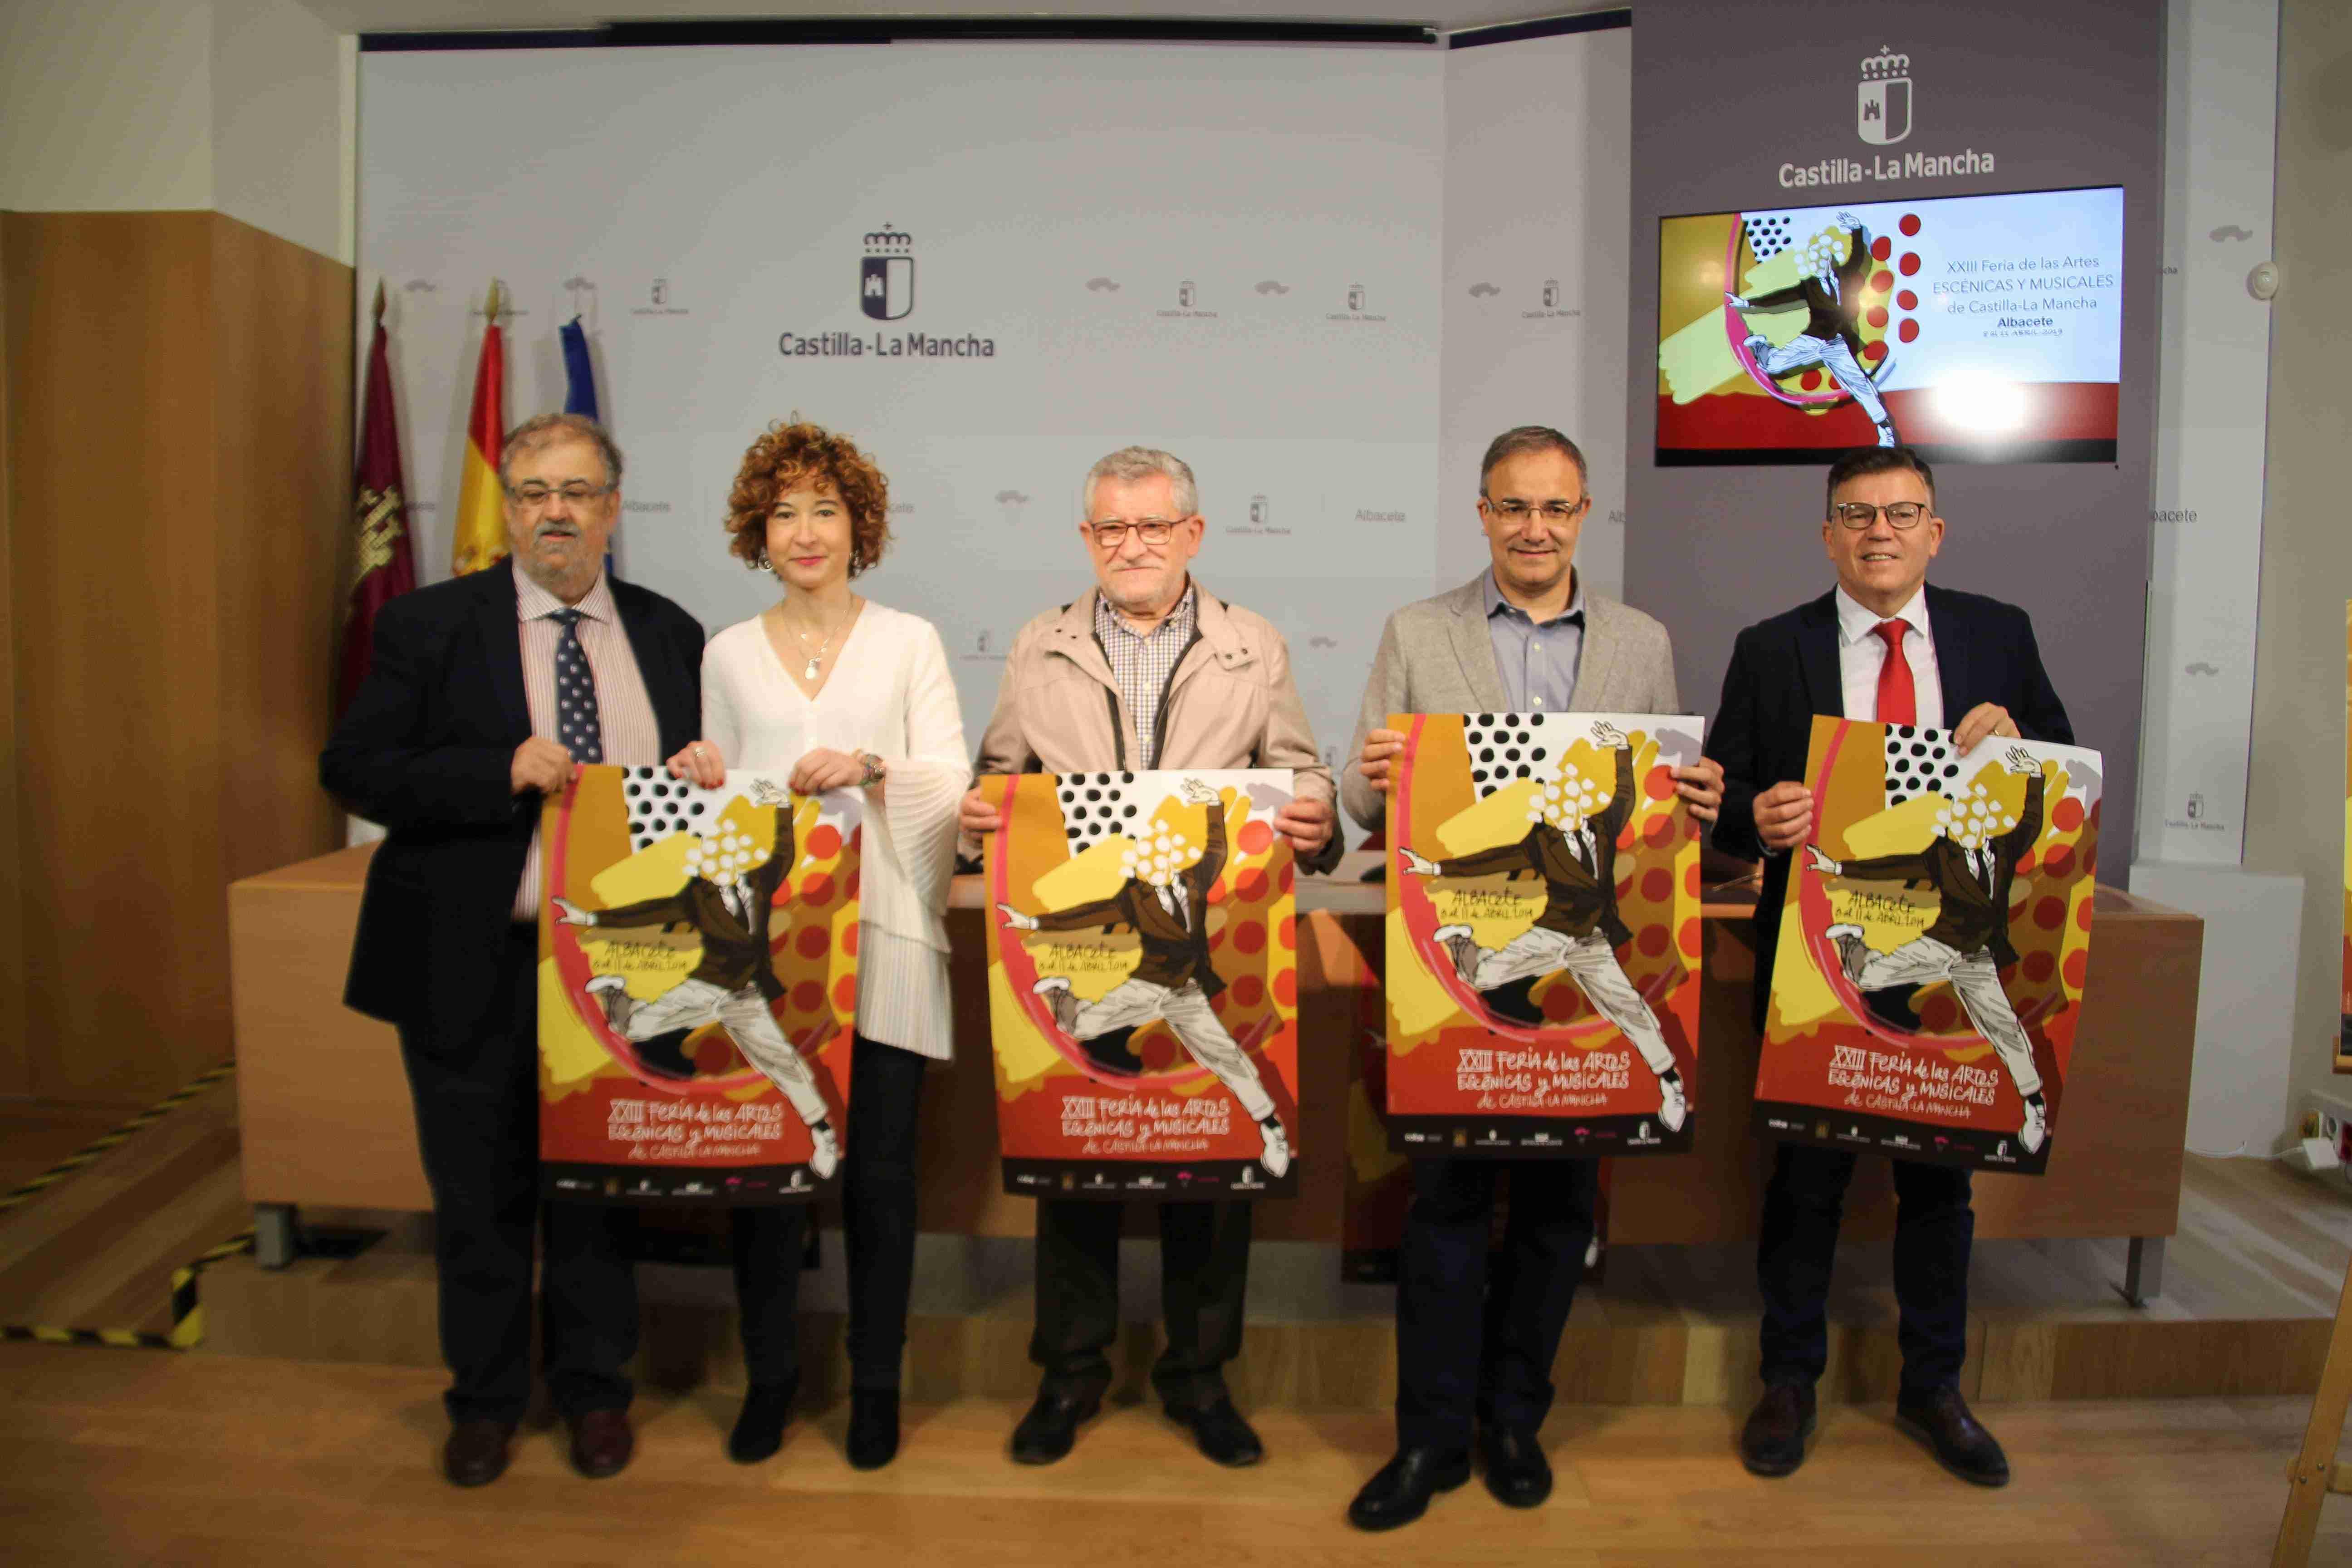 Un total de 26 compañías, 15 de la región, participarán en una nueva edición de la Feria de Artes Escénicas y Musicales 3